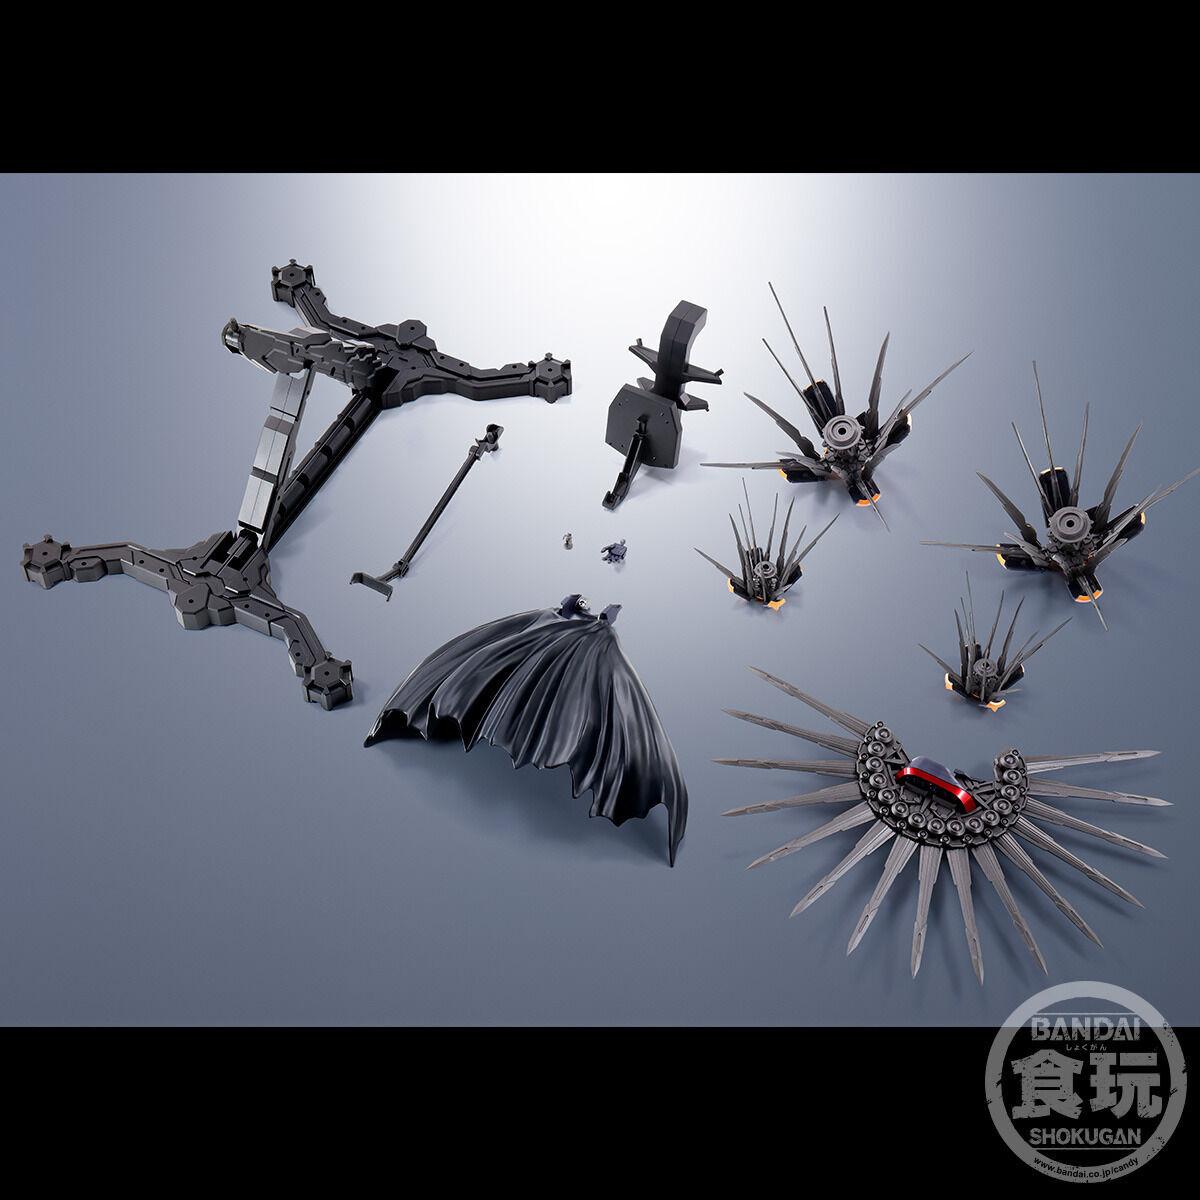 【限定販売】【食玩】SMP ALTERNATIVE DESTINY『ガンバスター ∞スーパーイナズマキックセット』トップをねらえ! プラモデル-010